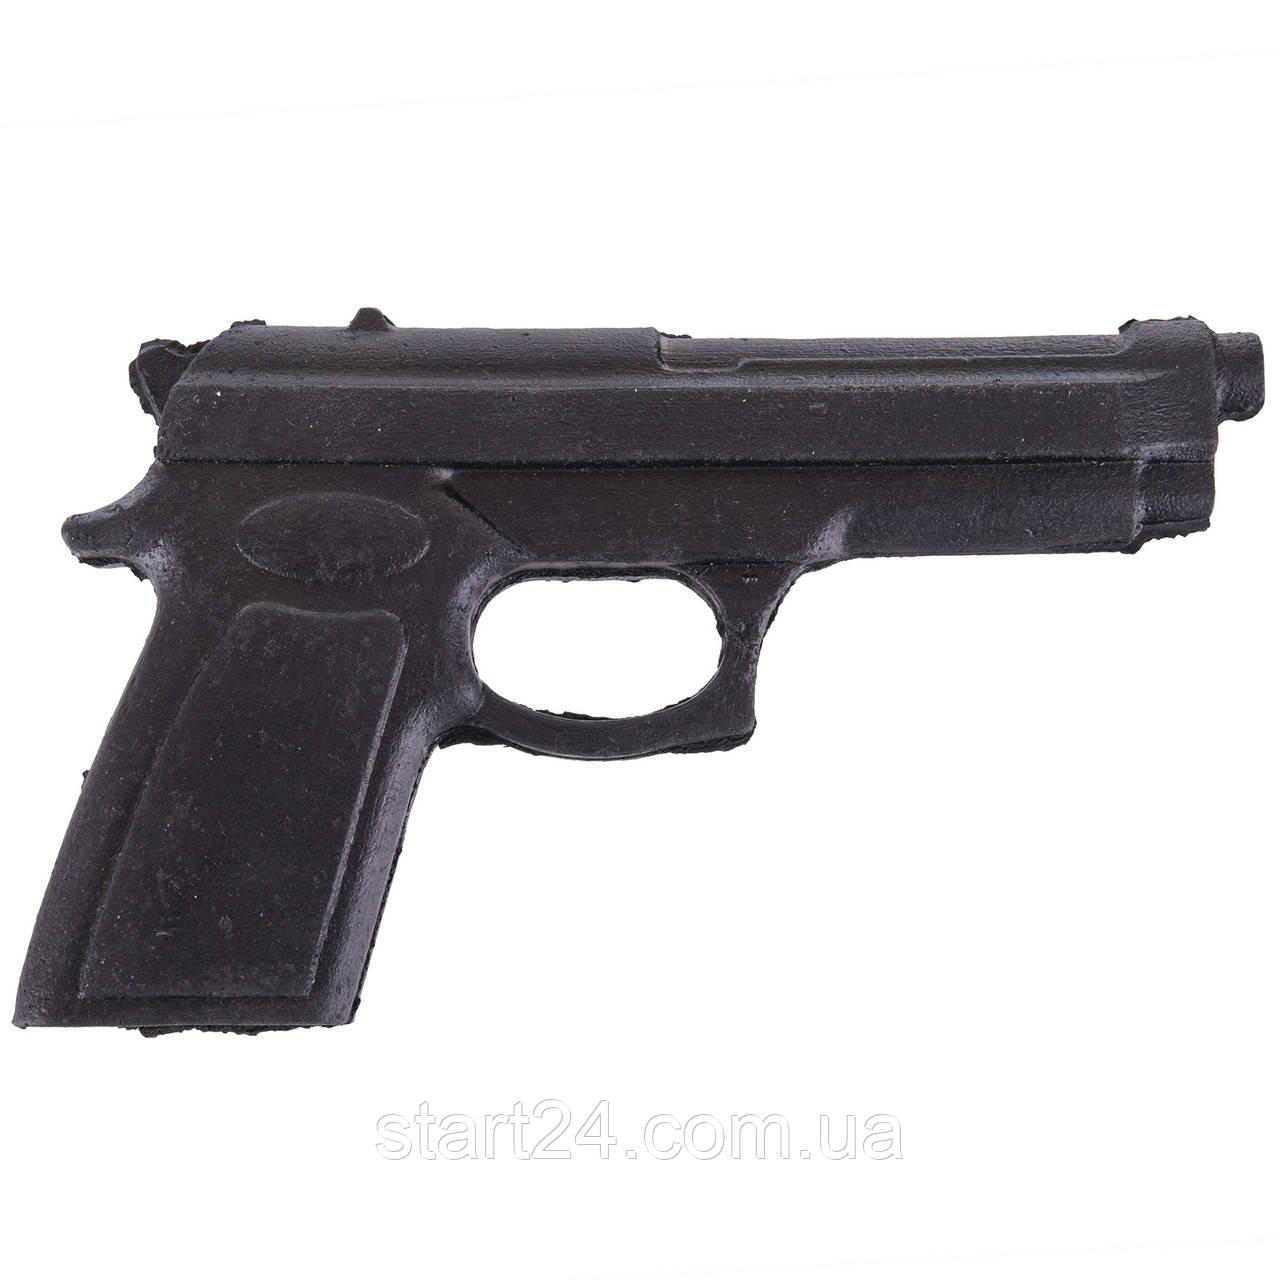 Пистолет тренировочный SP-Planeta С-3550 (резина, черный)